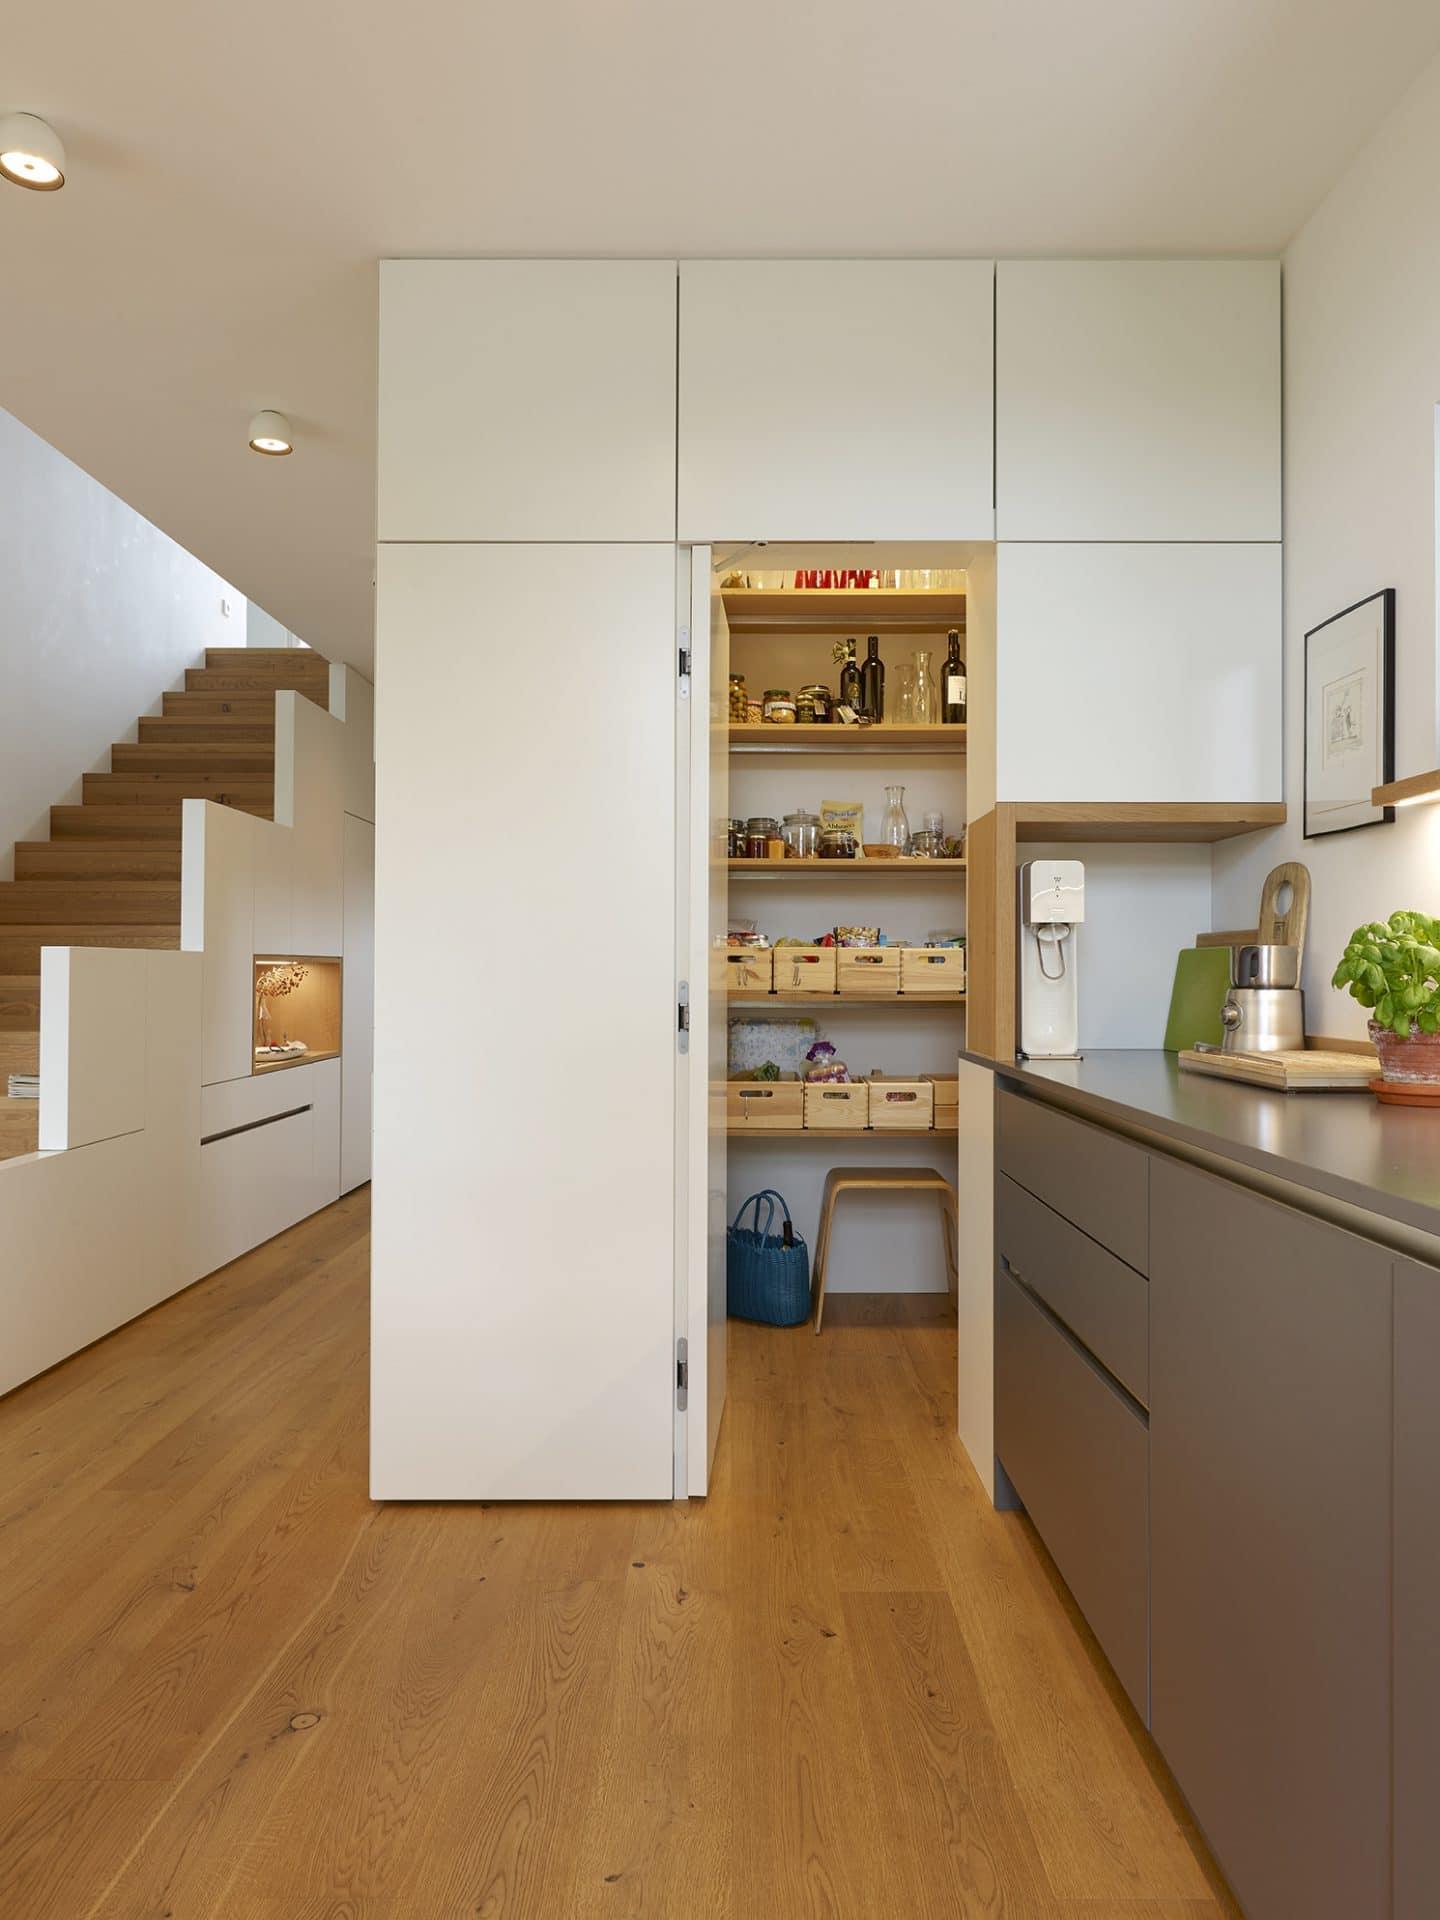 Küchendesign von VOIT in Eiche Natur mit BetonART und Edelstahl - Speisekammer geöffnet